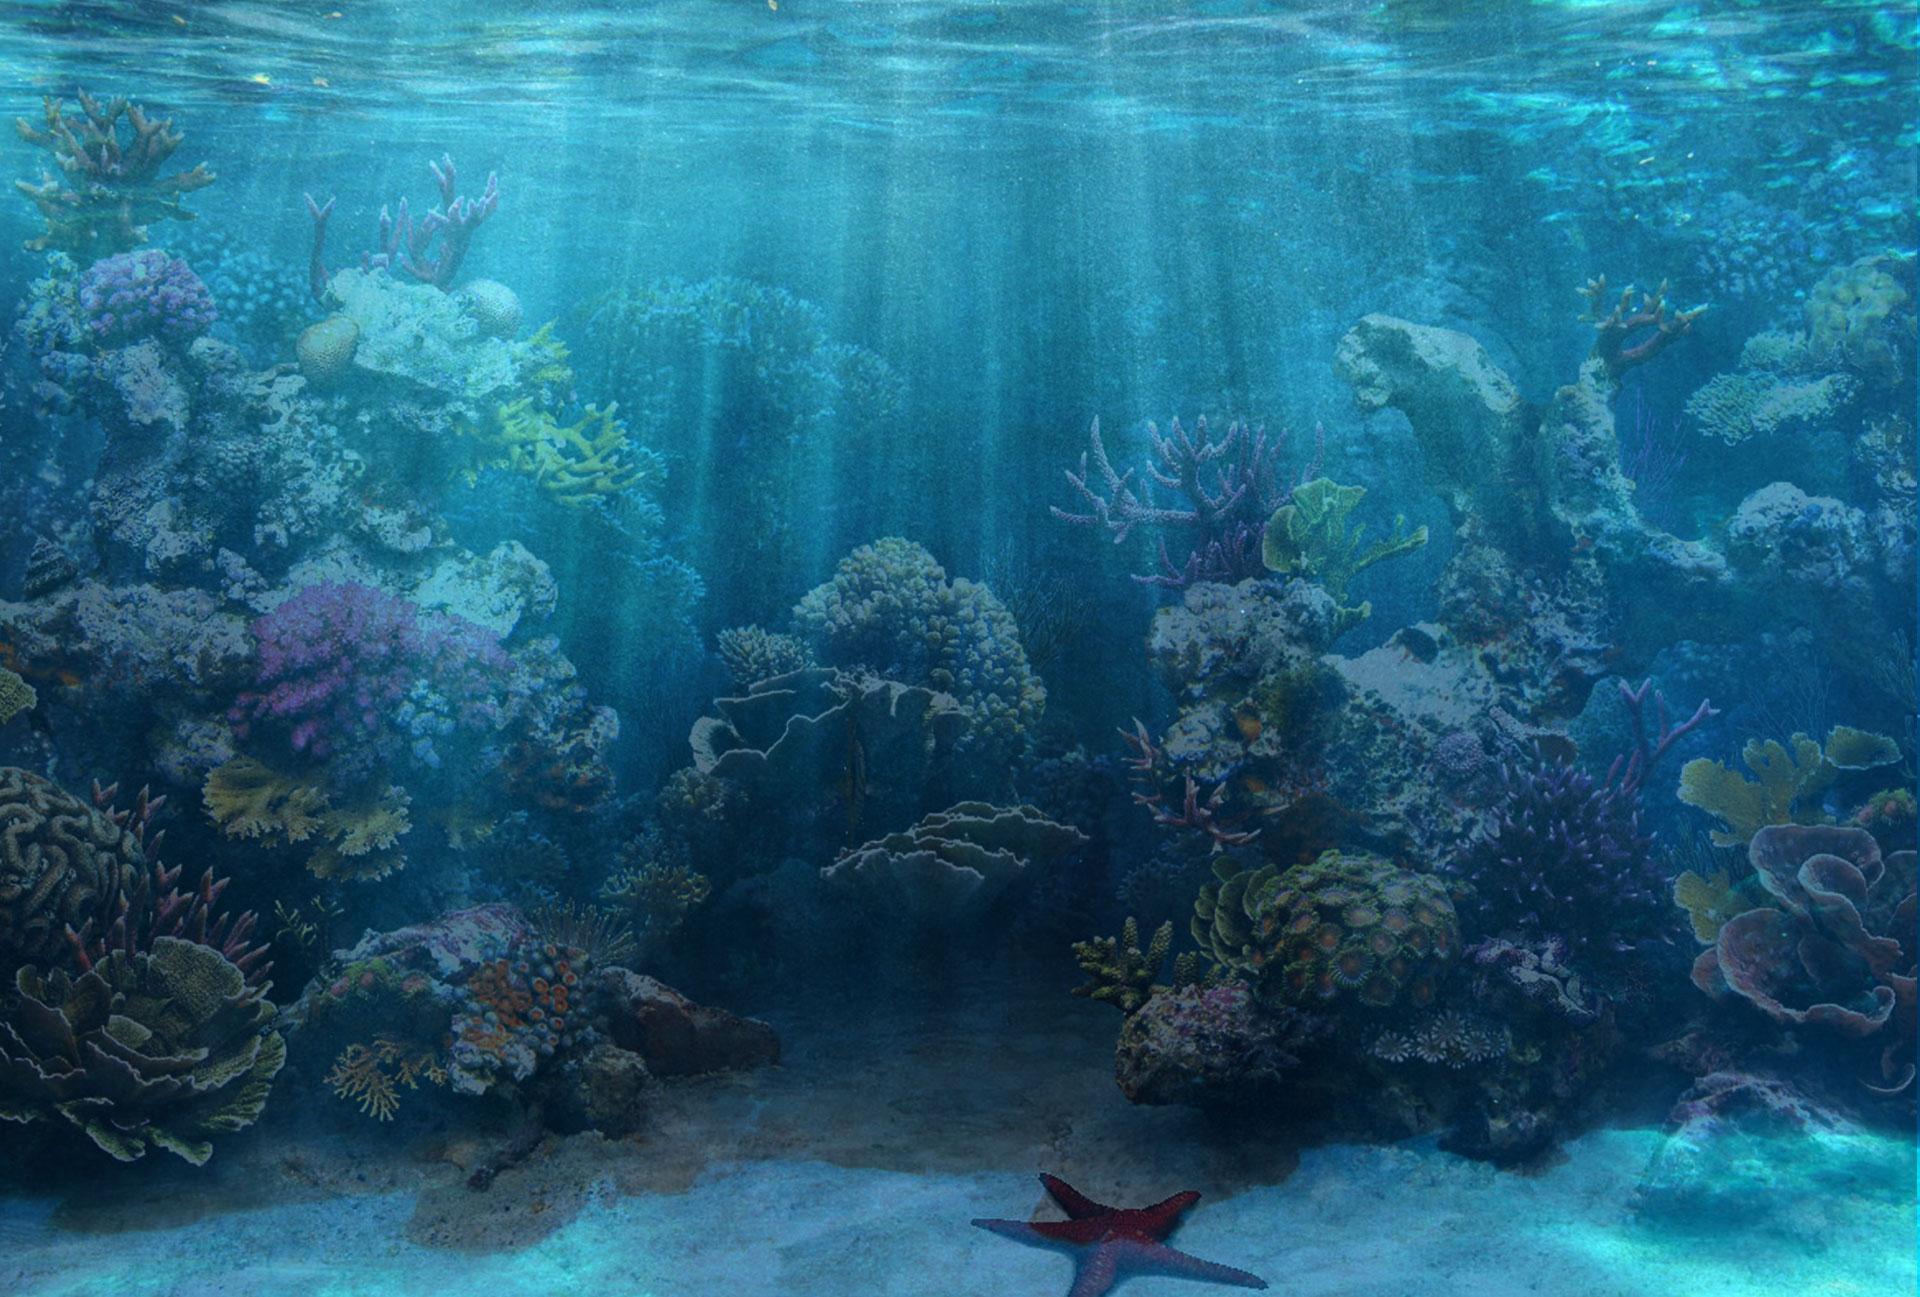 Saltwater aquarium wallpaper wallpapersafari for Reef fish tank